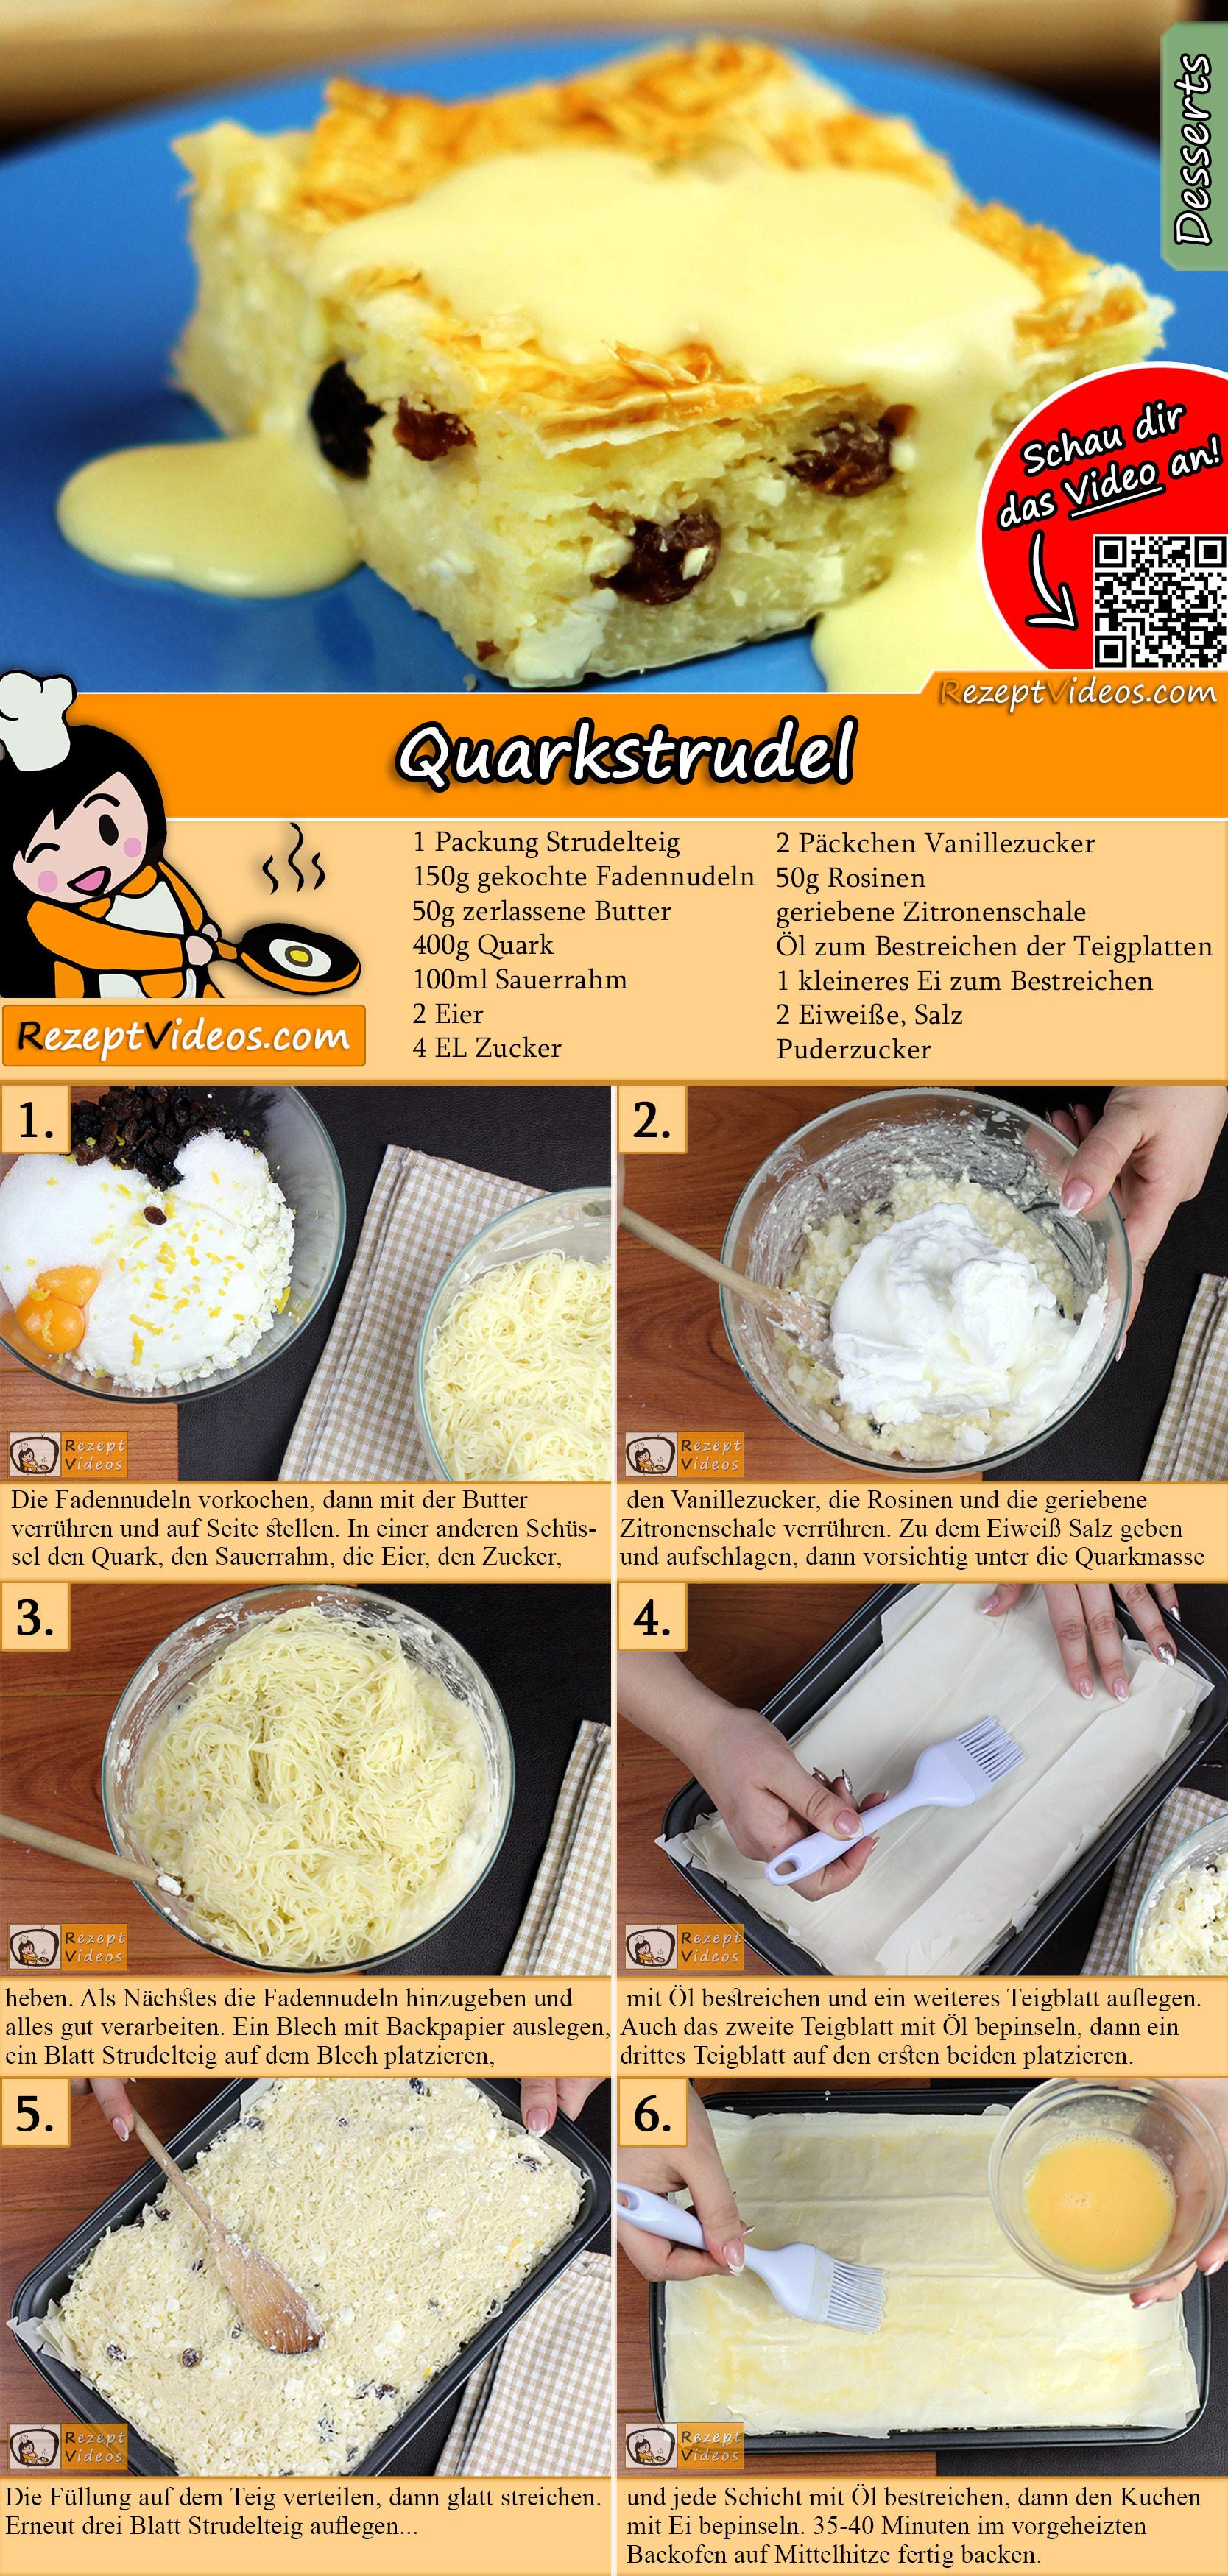 Quarkstrudel Rezept mit Video